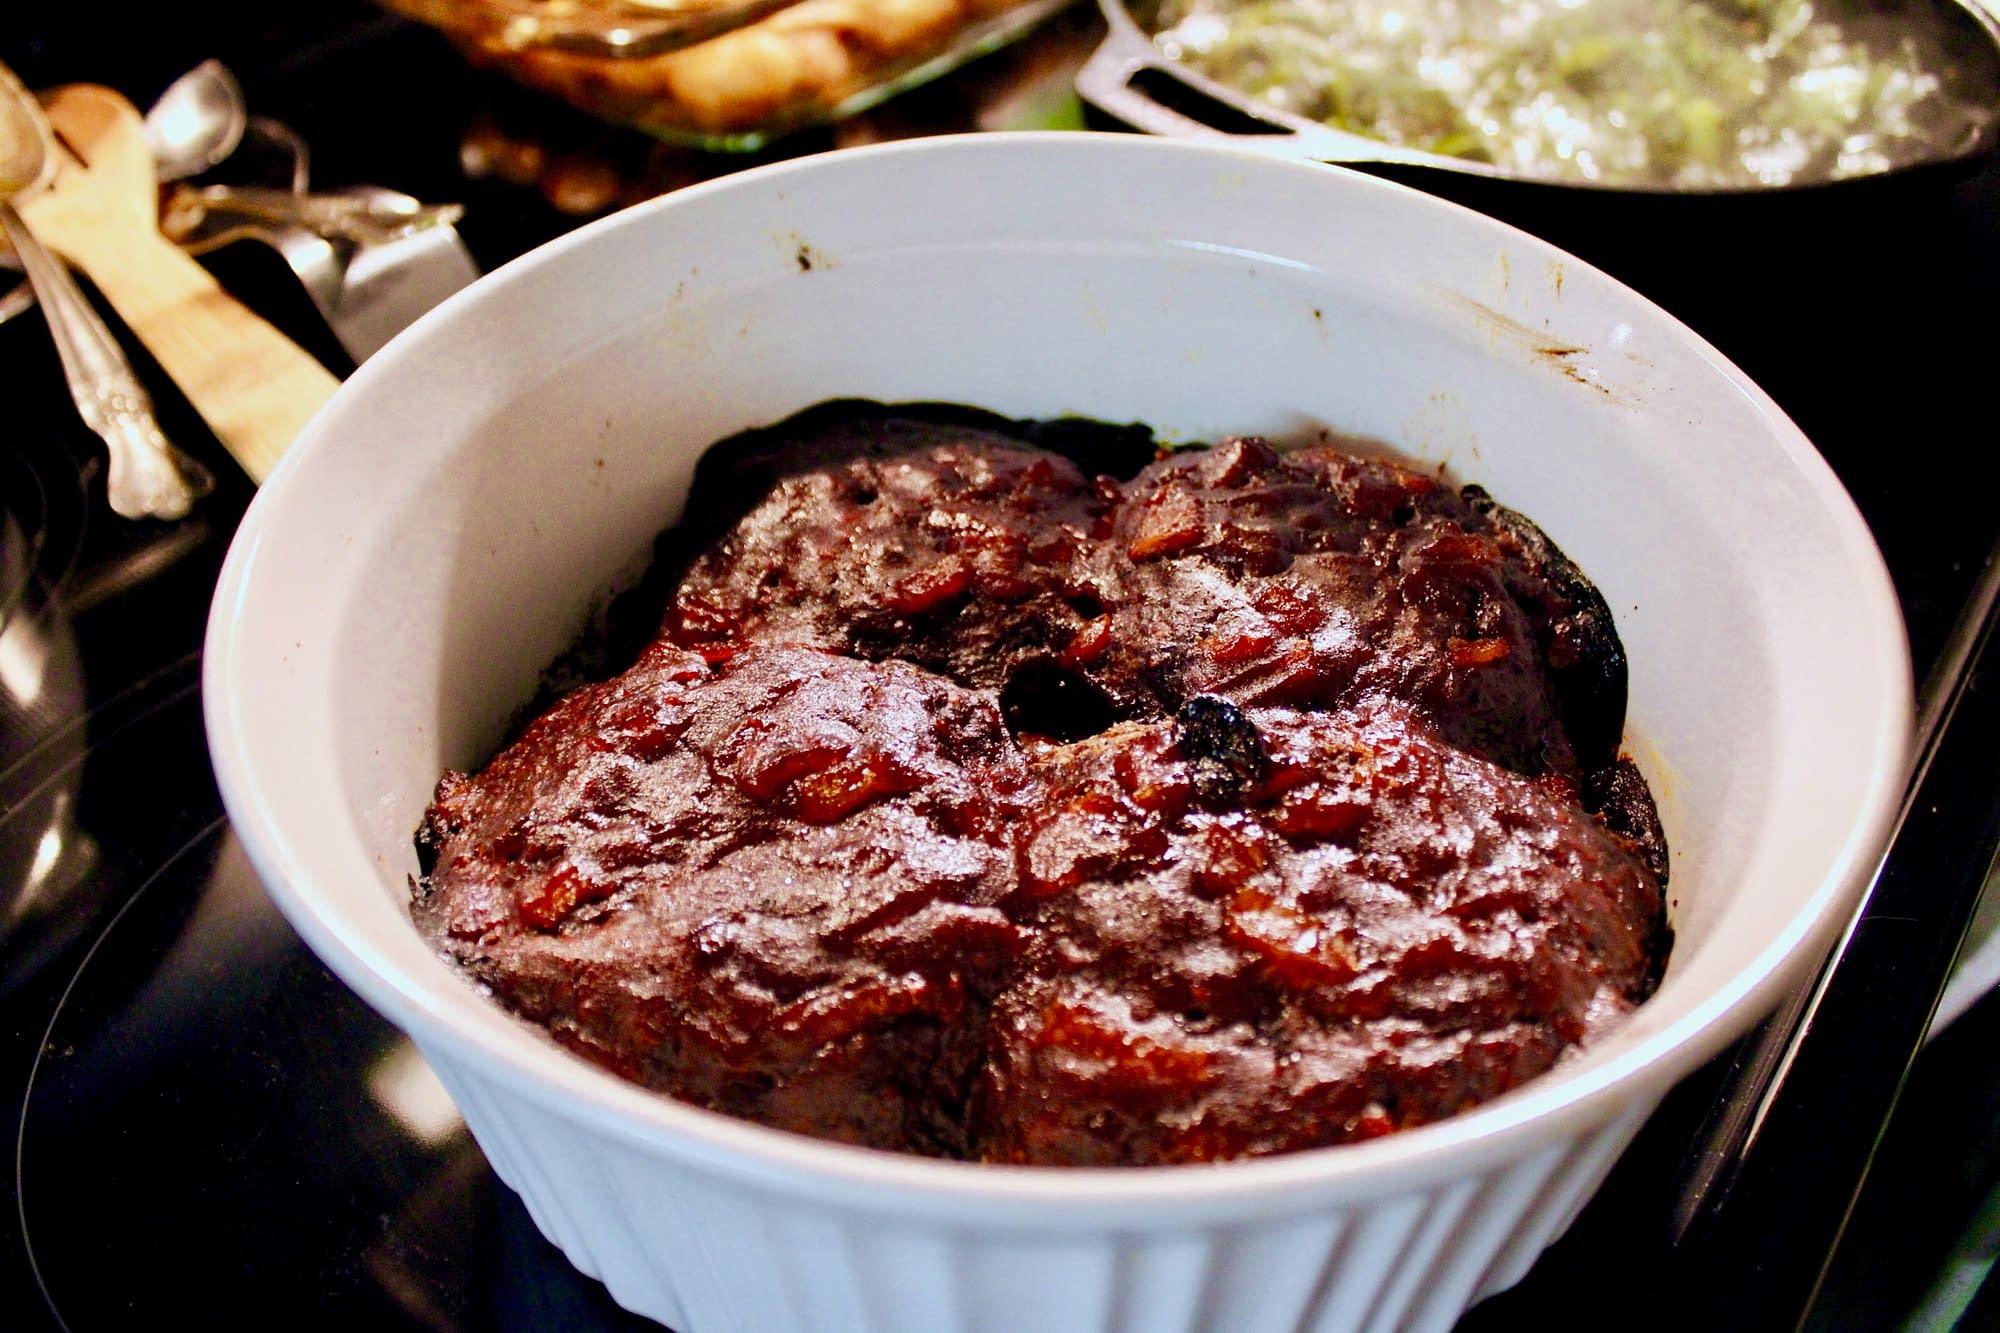 Cooked vegan meatloaf.